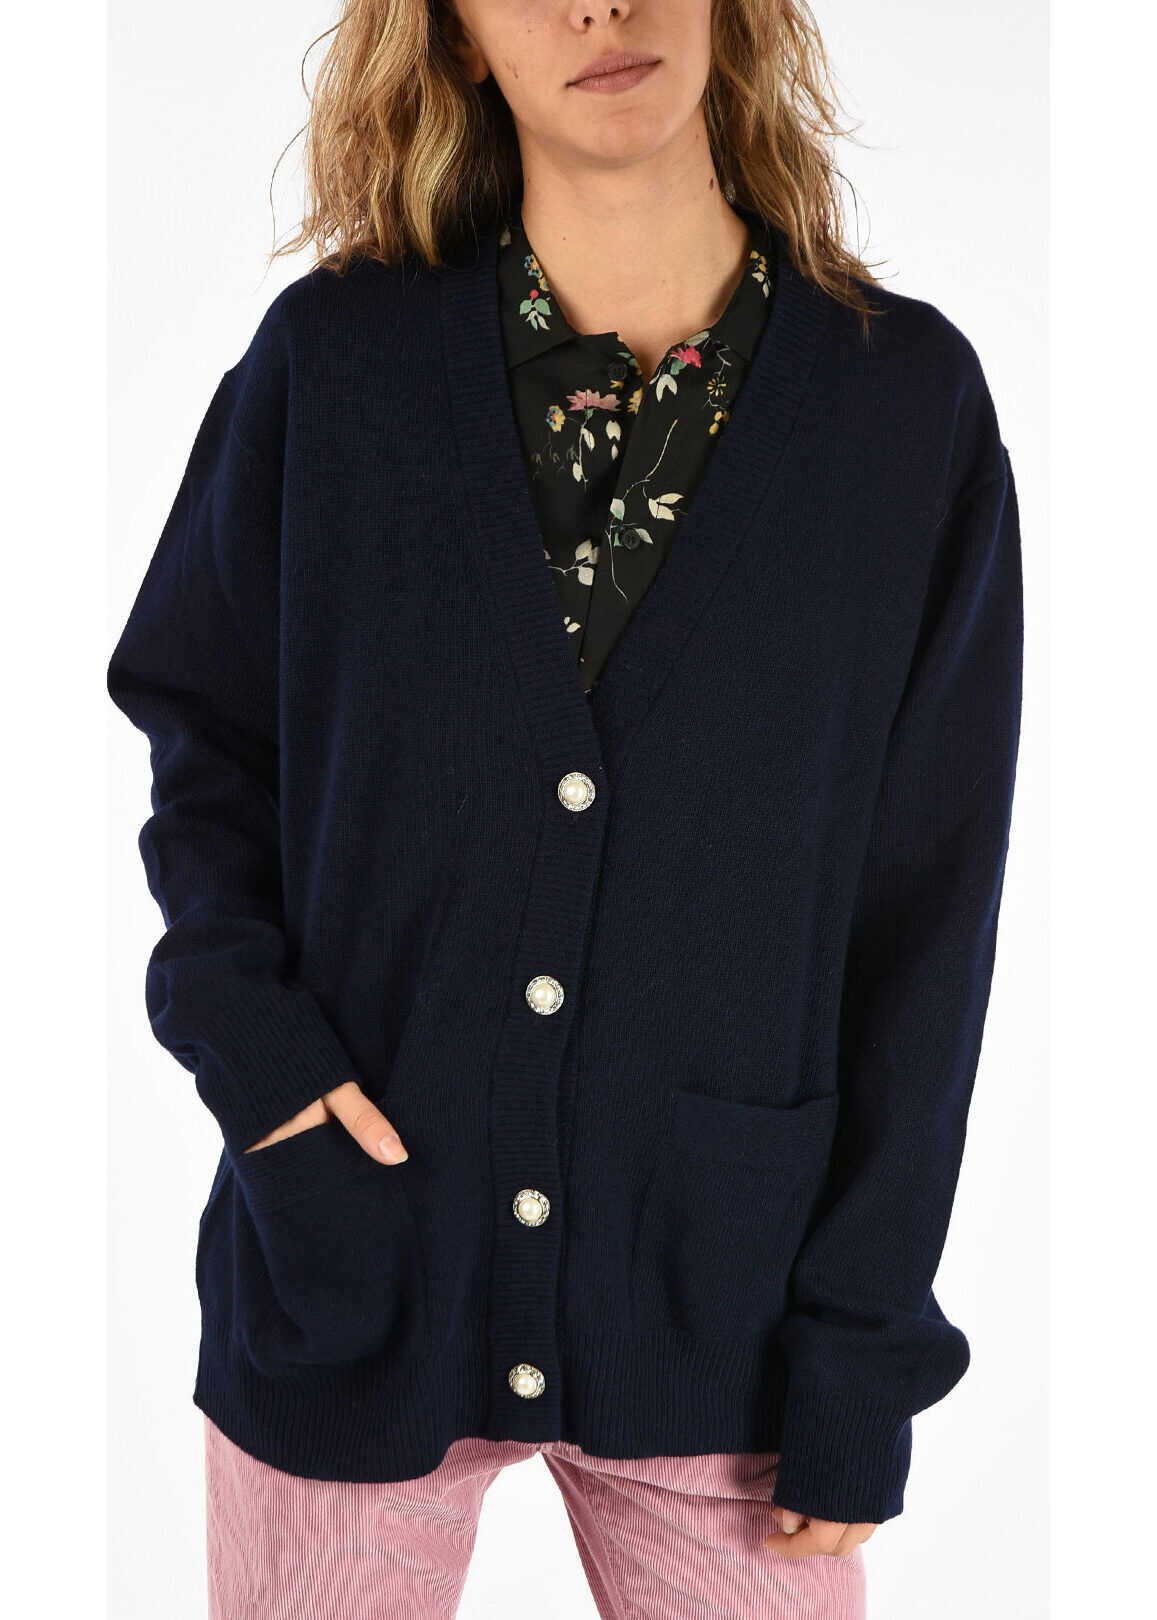 Miu Miu virgin Wool Cardigan MIDNIGHT BLUE